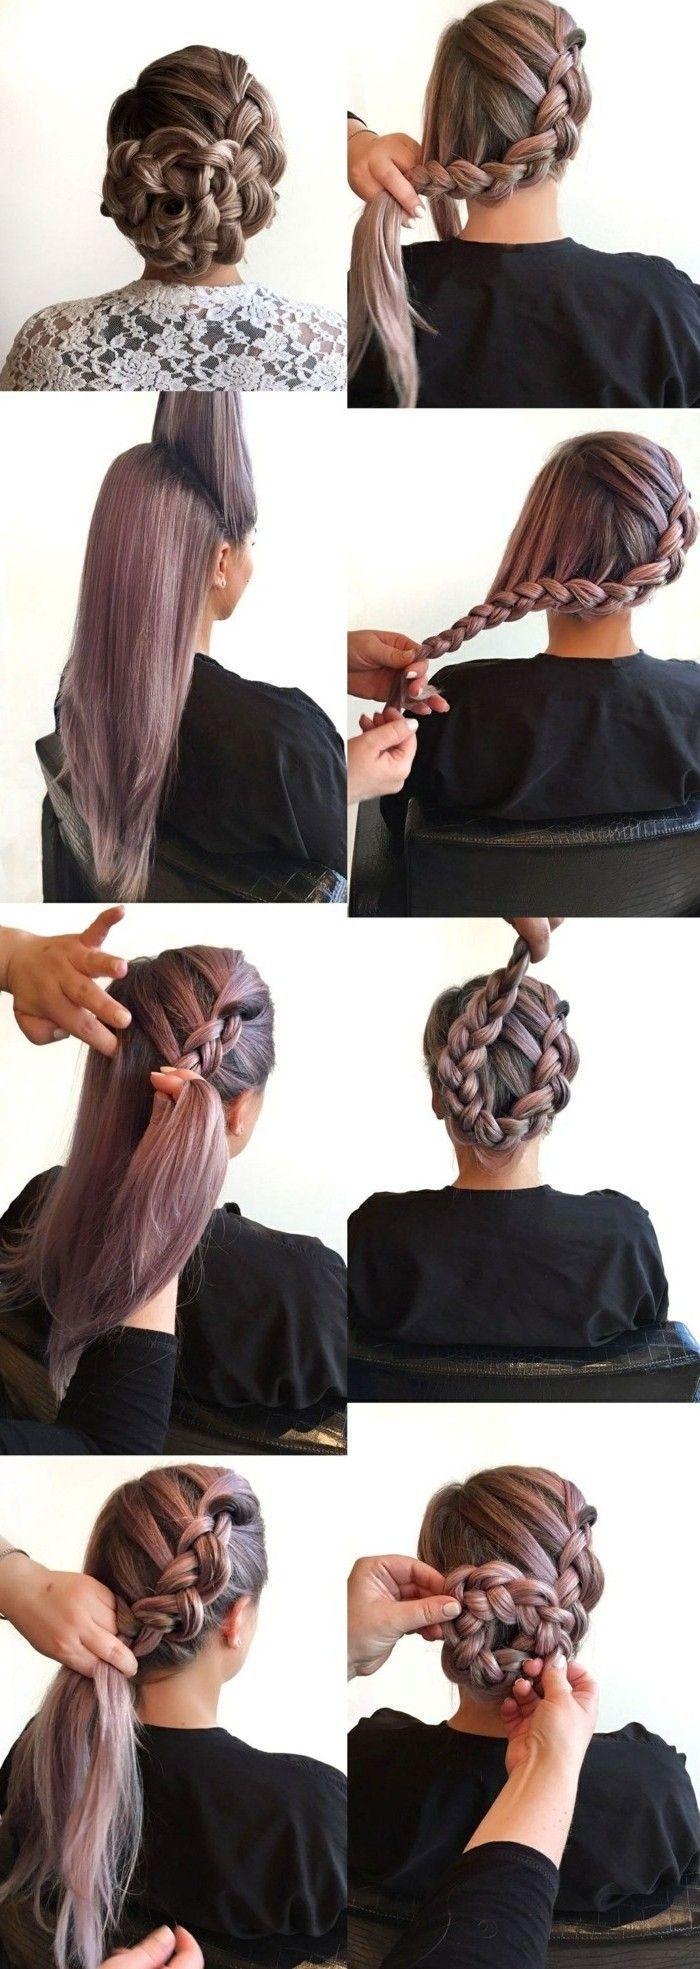 ▷ 1001 + Ideen für schöne Haarfrisuren Plus Anleitungen zum Selbermachen #easyhair